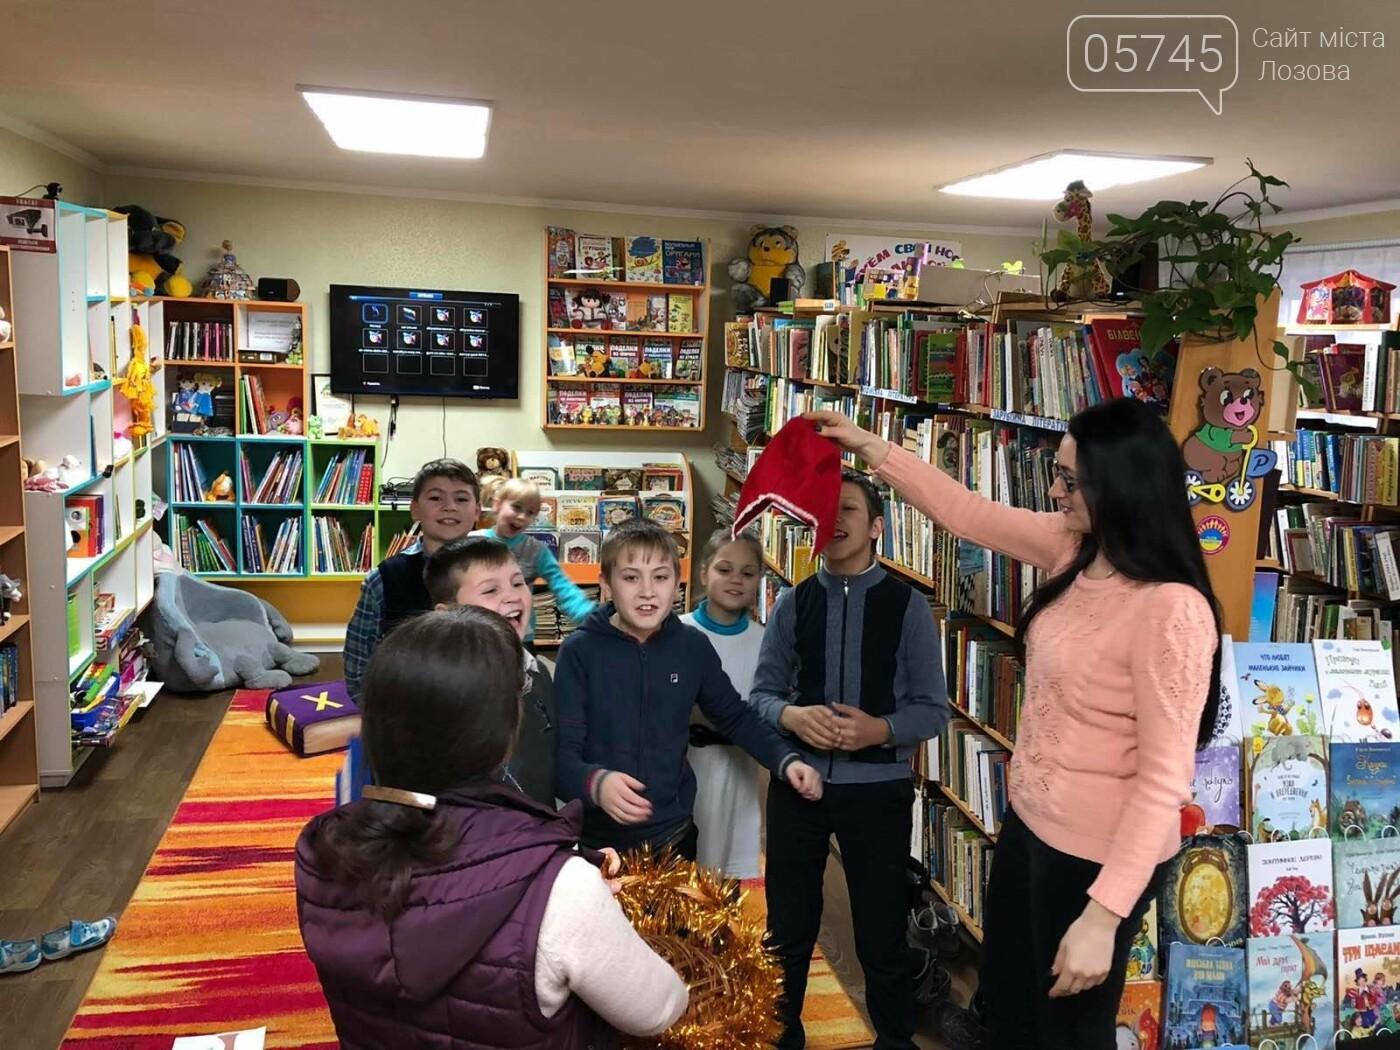 Представления, игры и подарки детям. Как на Лозовщине отметили День святого Николая, фото-12